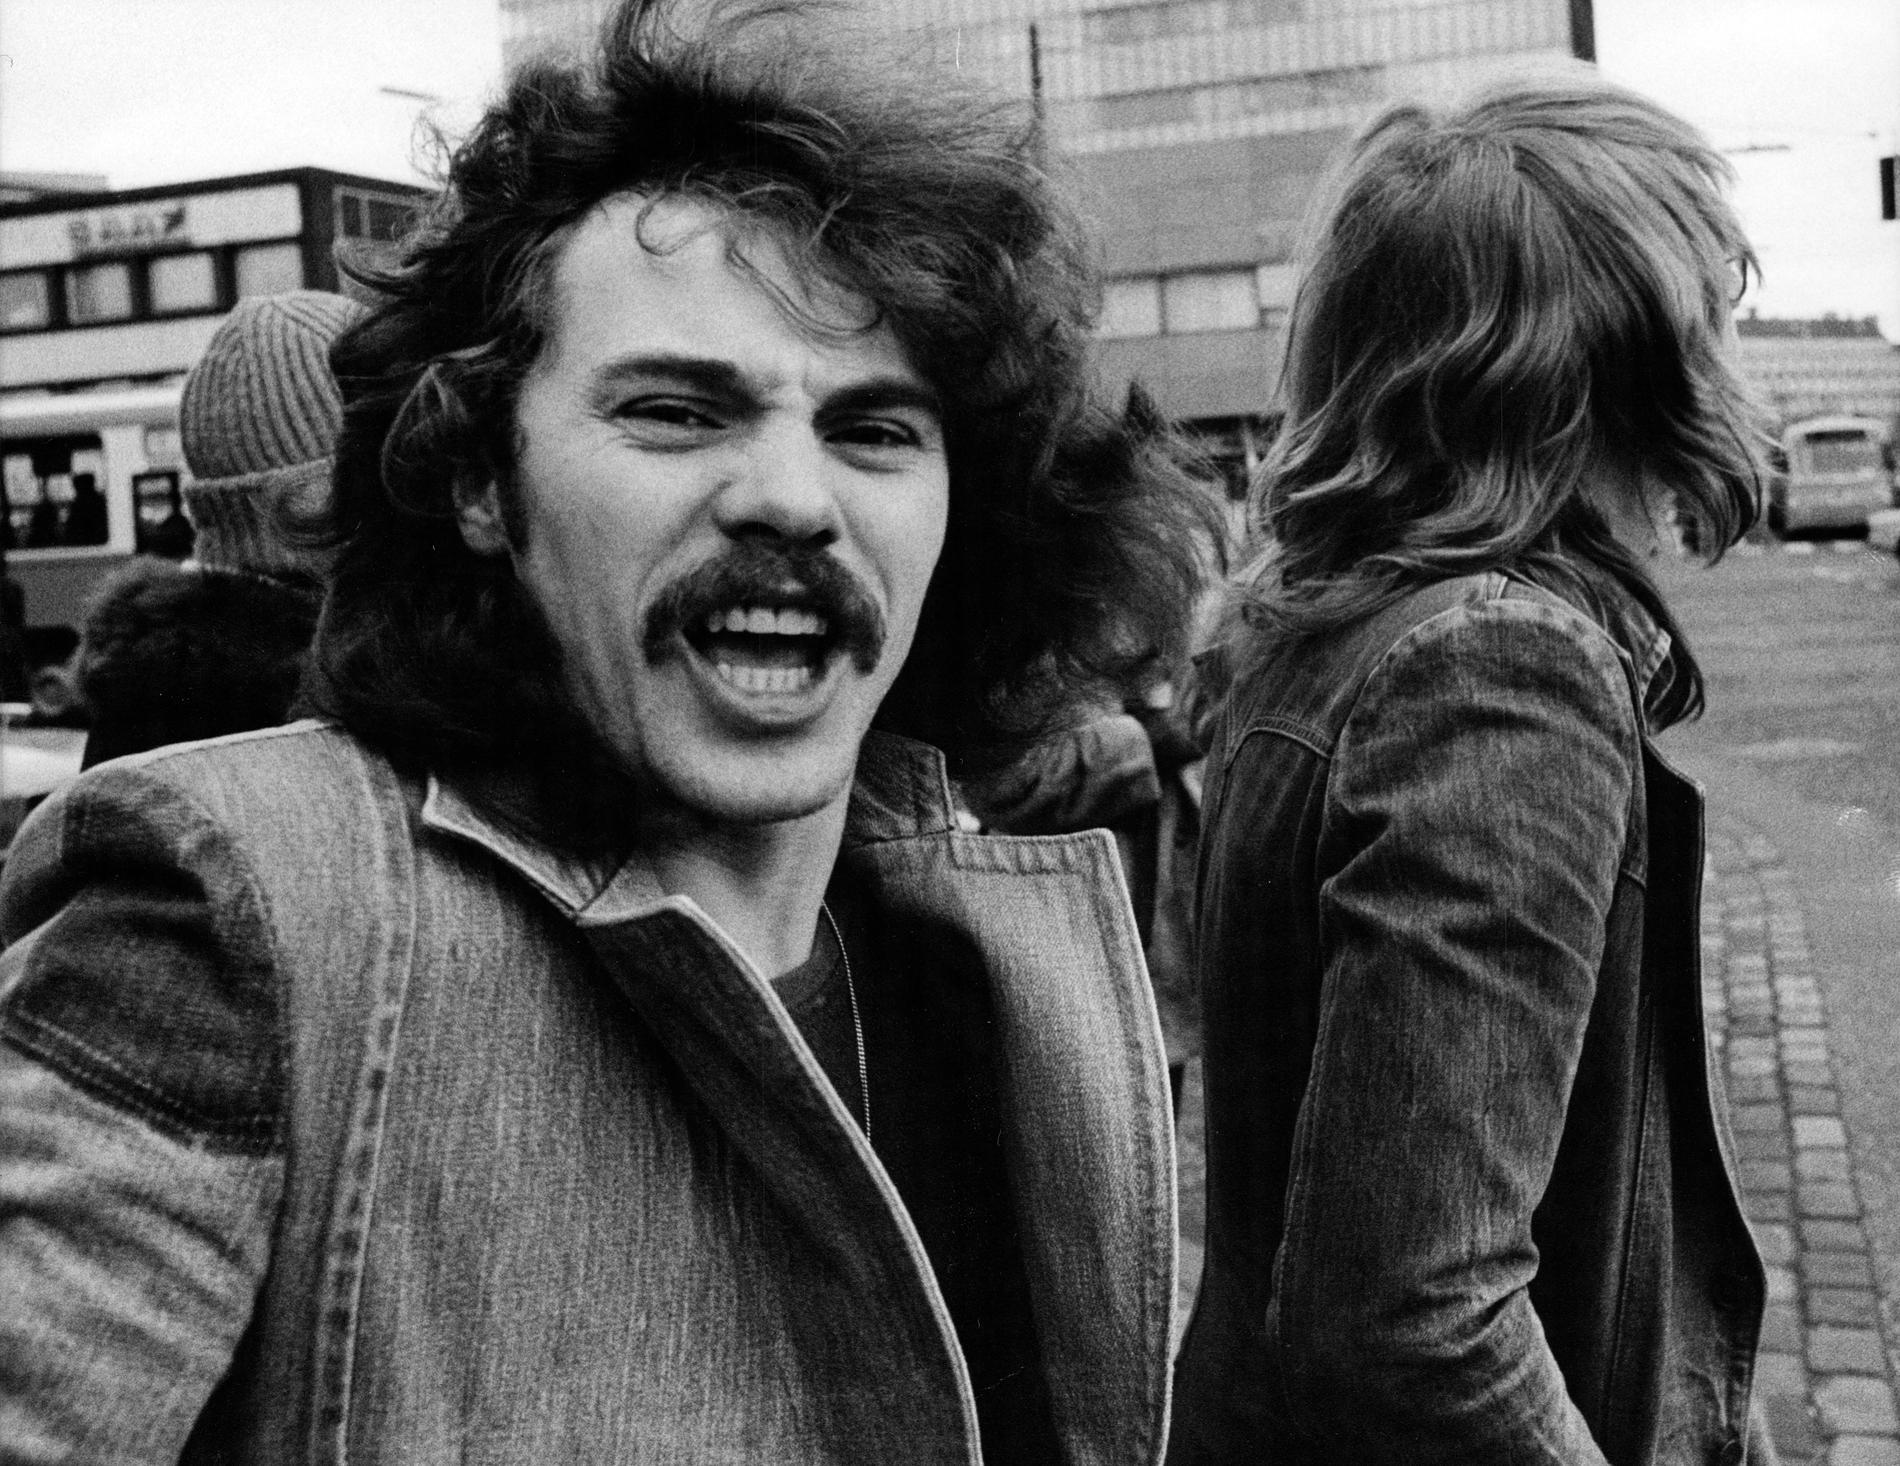 Status Quo med Alan Lancaster och Richard Parfitt  i Köpenhamn för en spelning på Tivoli 1976-02-06.